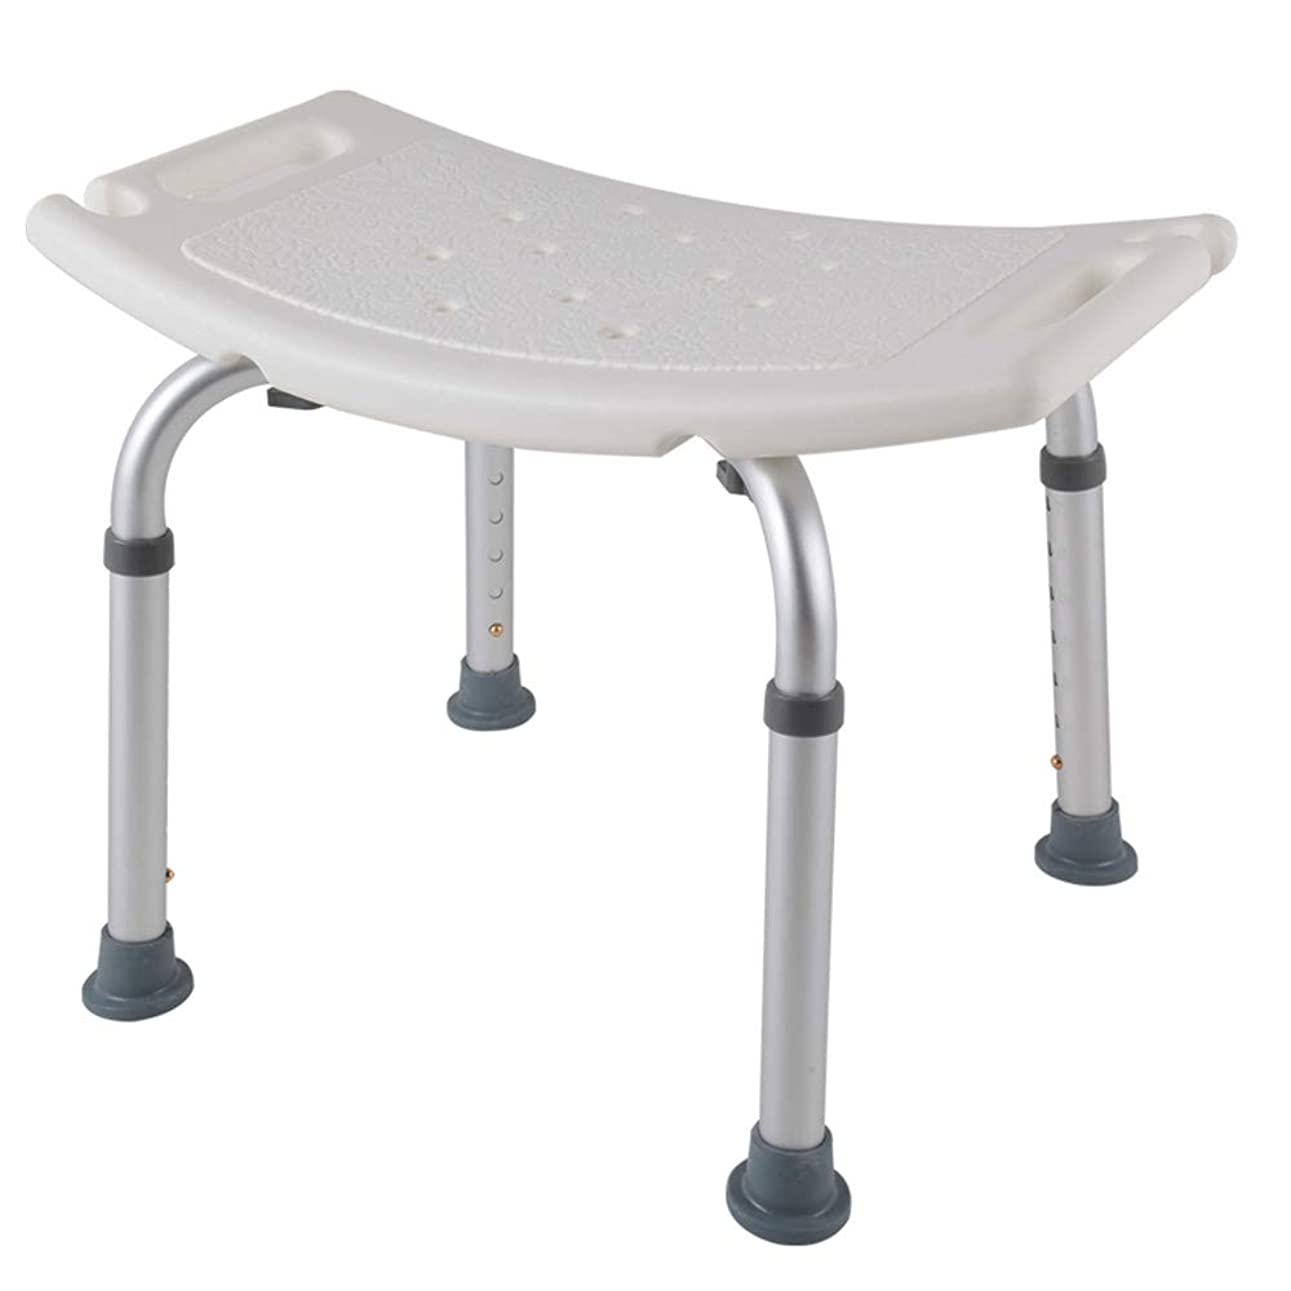 メロドラマティック積極的にセンターMCTHCH シャワーチェア バスチェア シャワースツール お風呂 椅子 風呂椅子 風呂チェア 背なし 高さ調節可能 持ち手 入浴補助用具